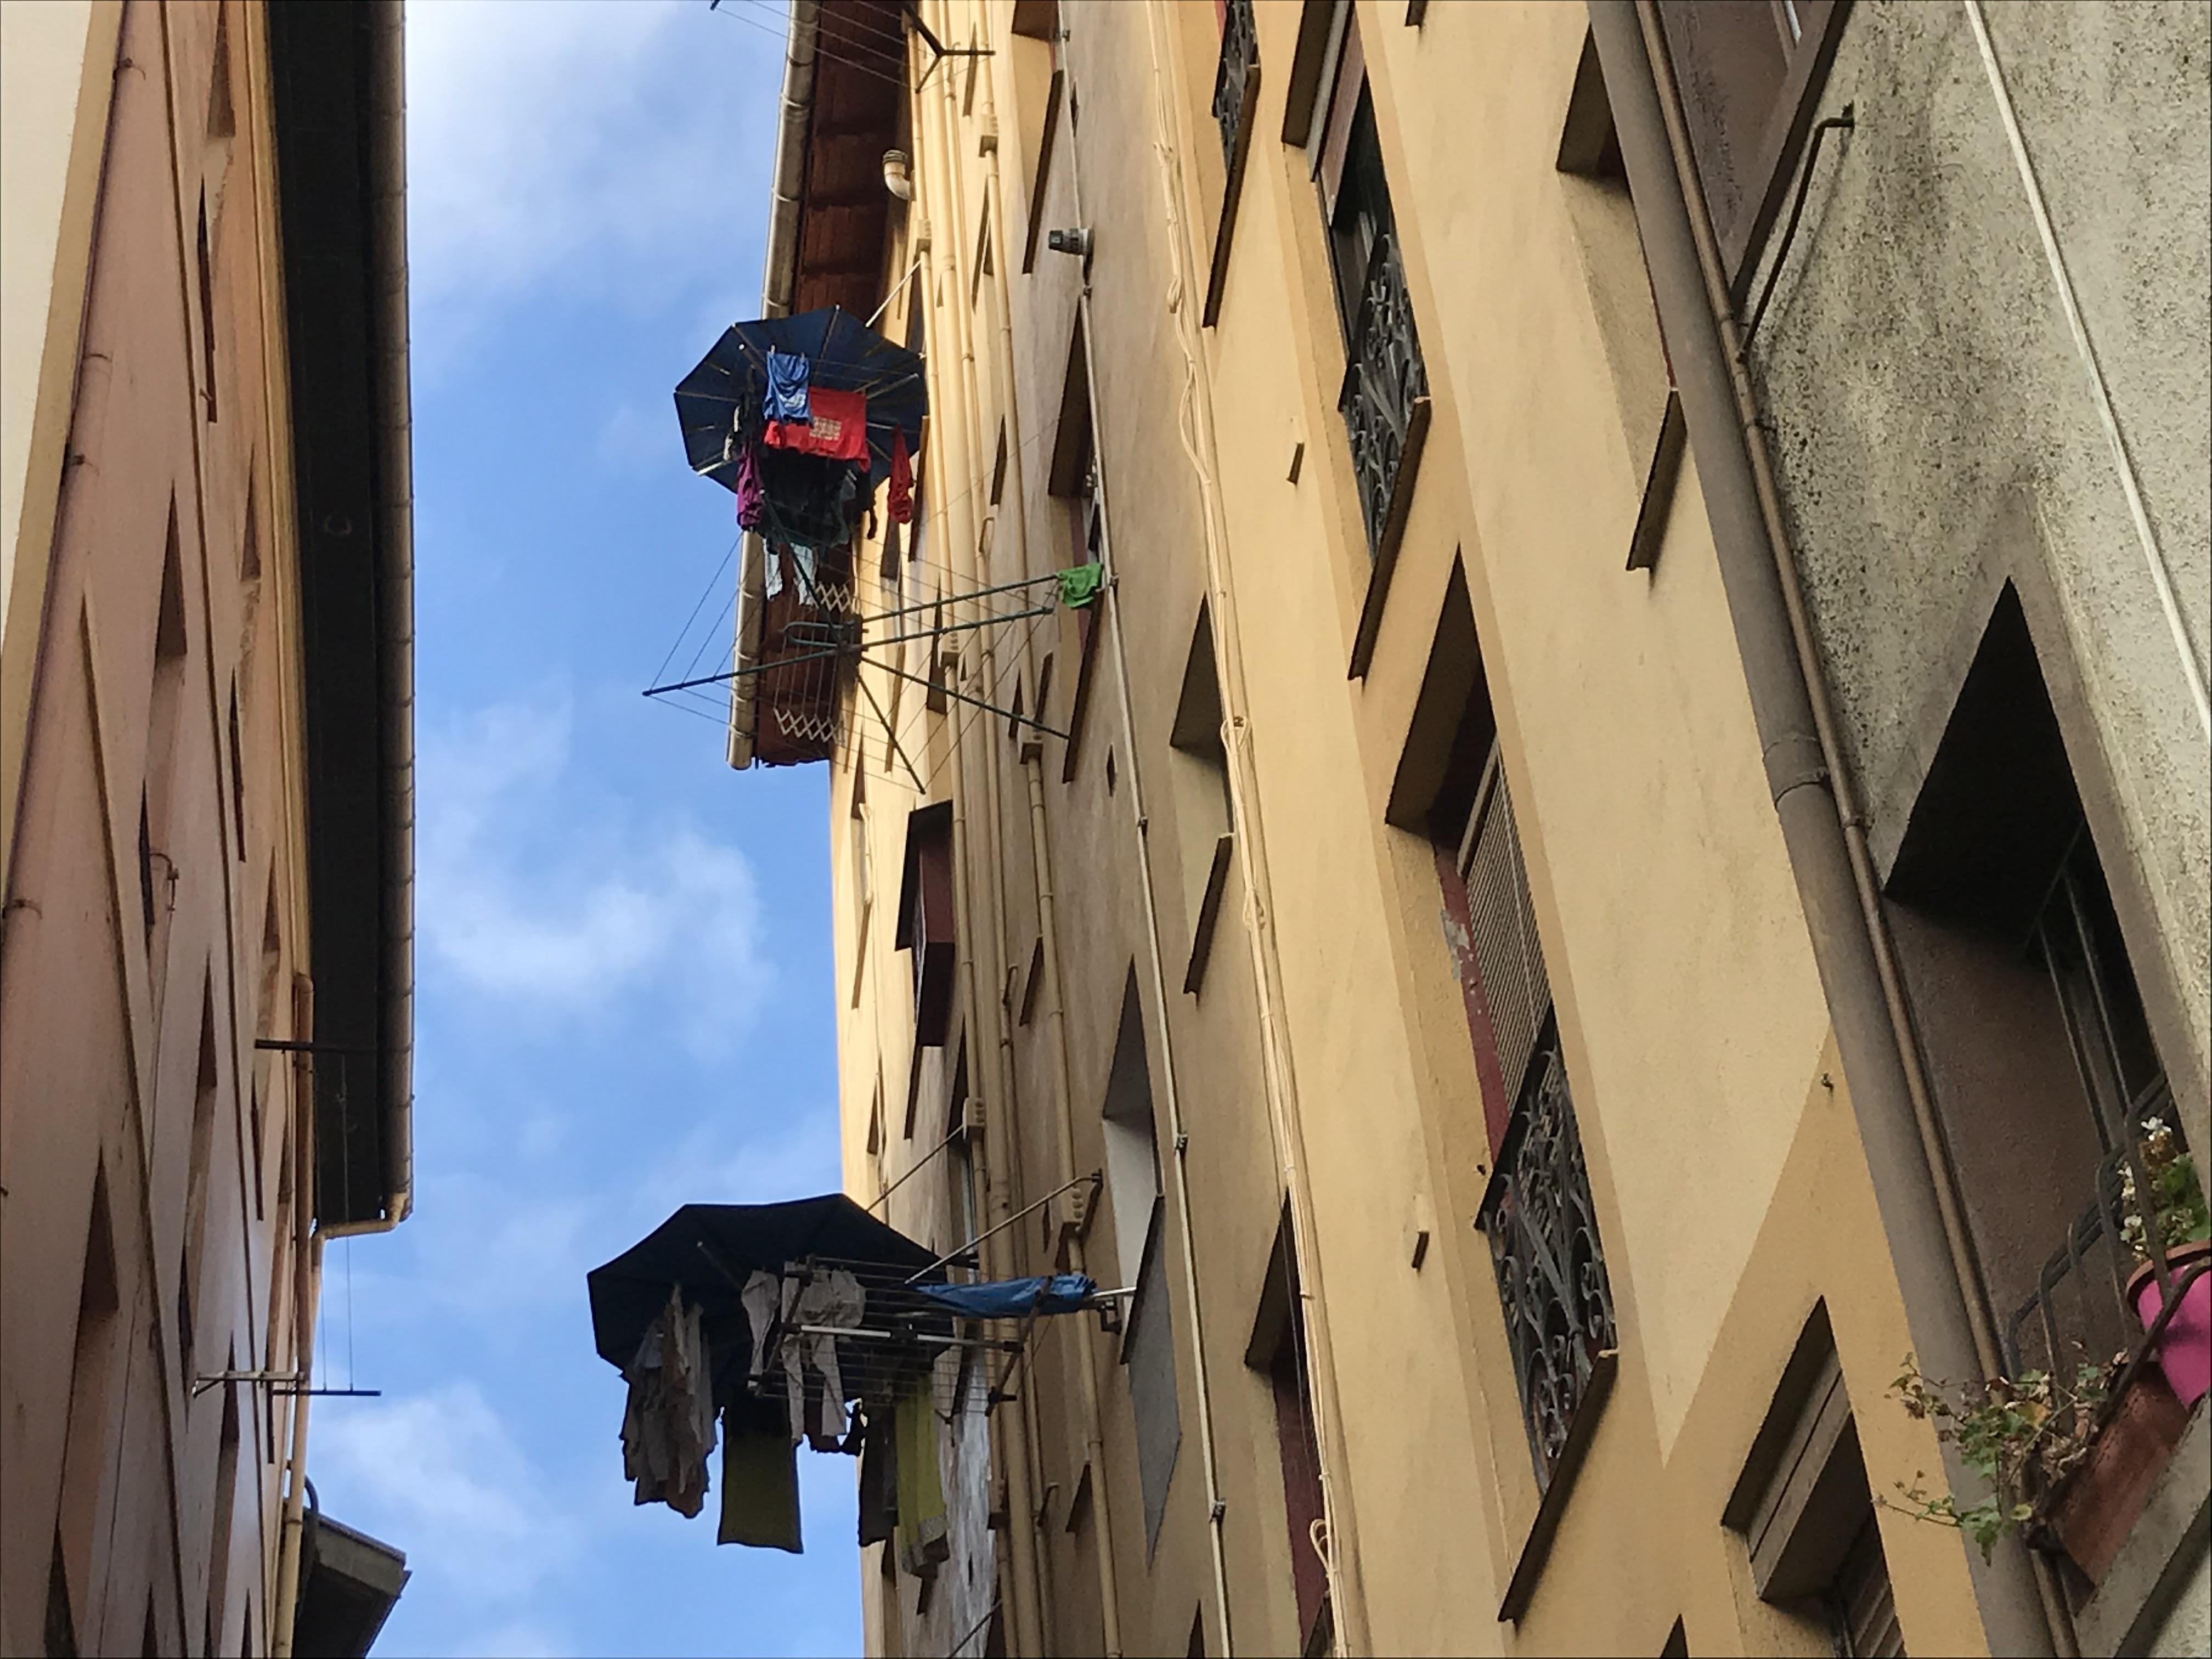 ビルバオの旧市街で見つけた。雨よけの傘。選択ものが濡れない工夫。雨の多いバスクならではの工夫。